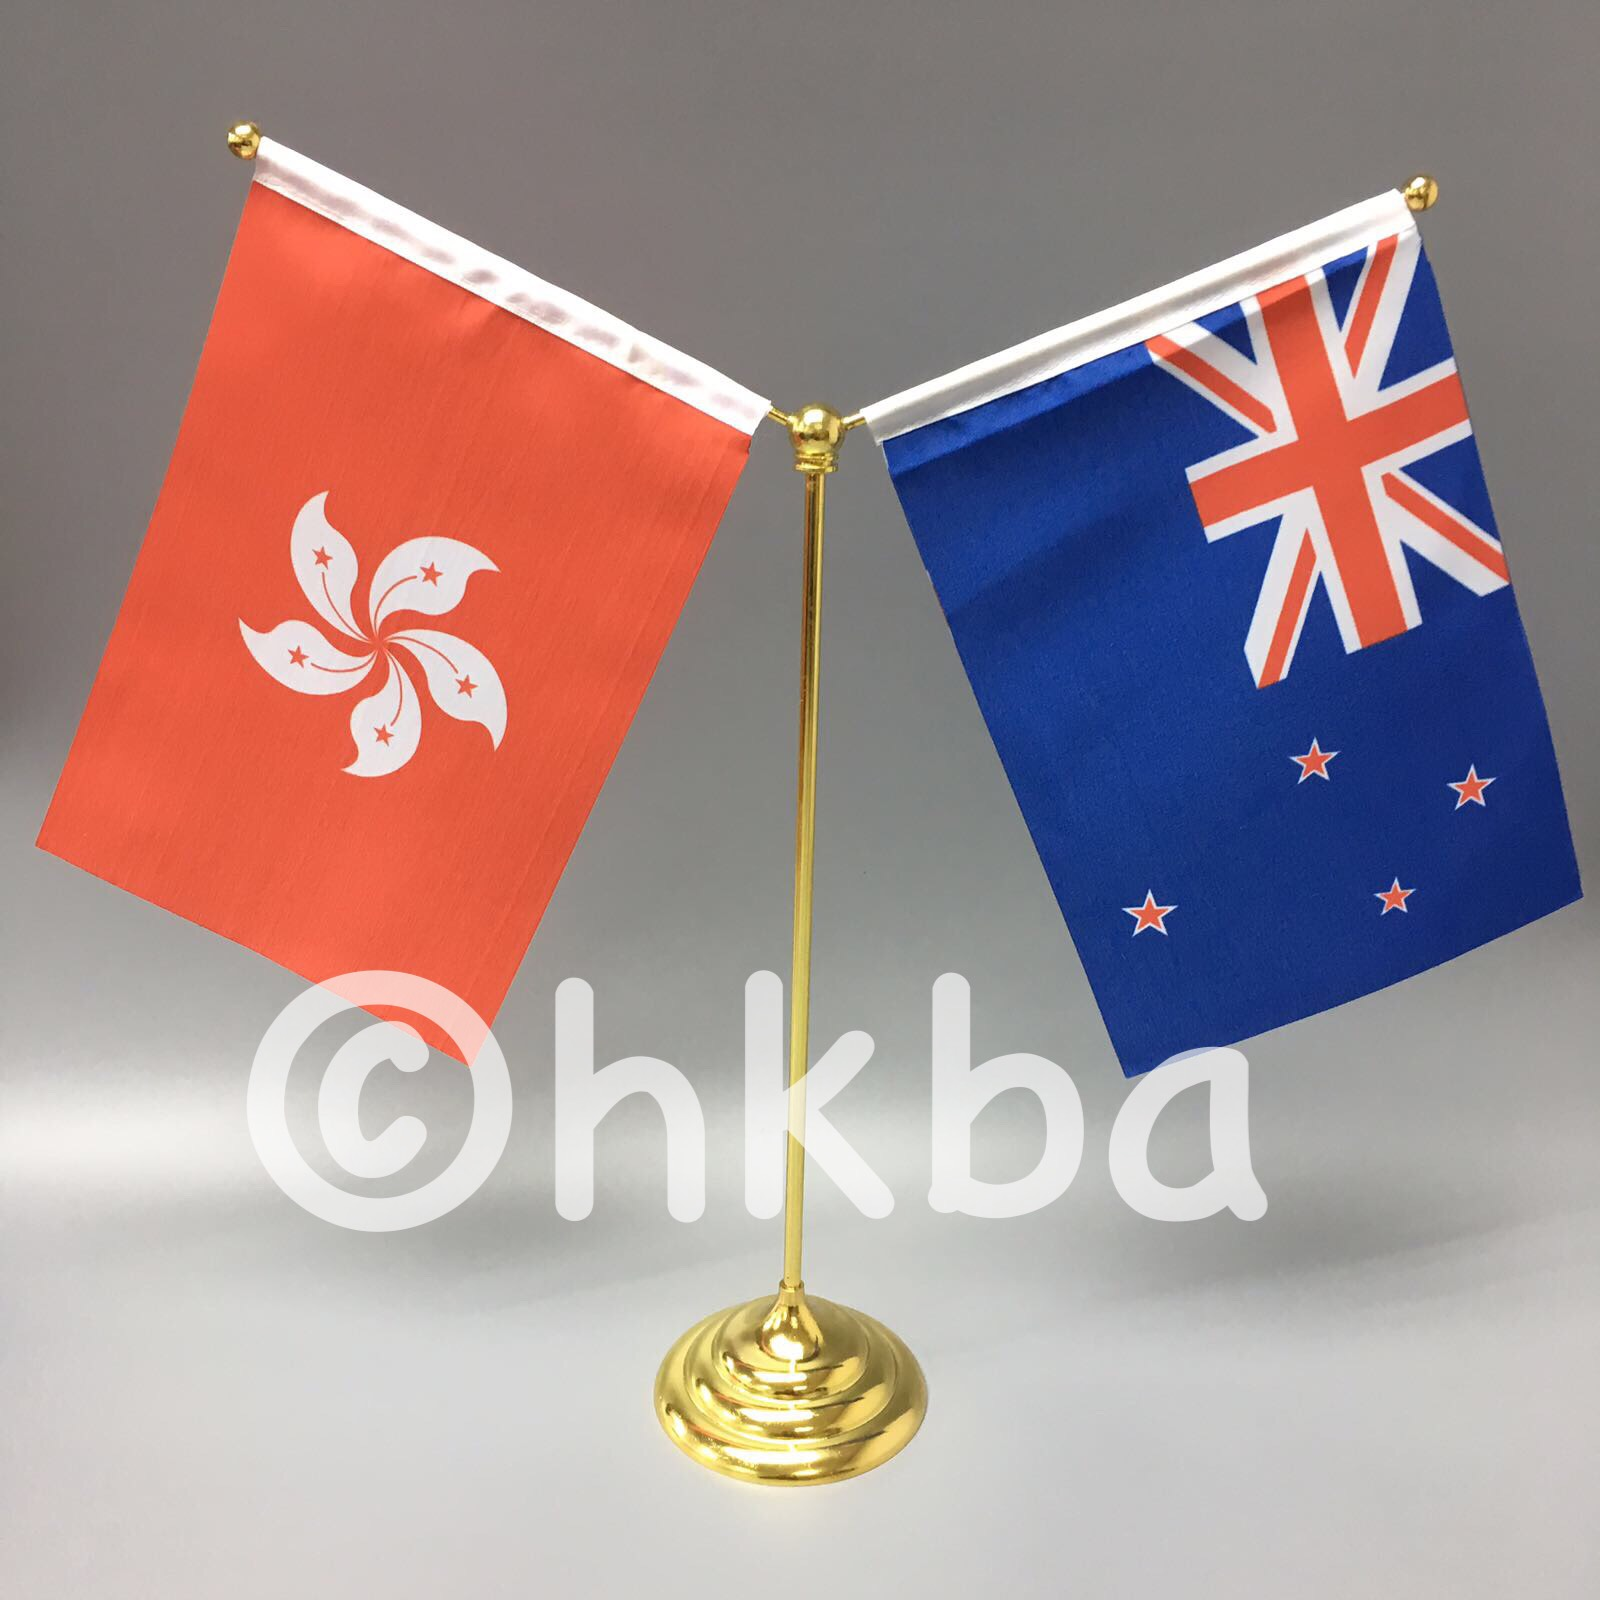 國家小桌旗 - 桌旗 - 紐西蘭領事館 - 香港優質奬品設計公司 - 案例分享